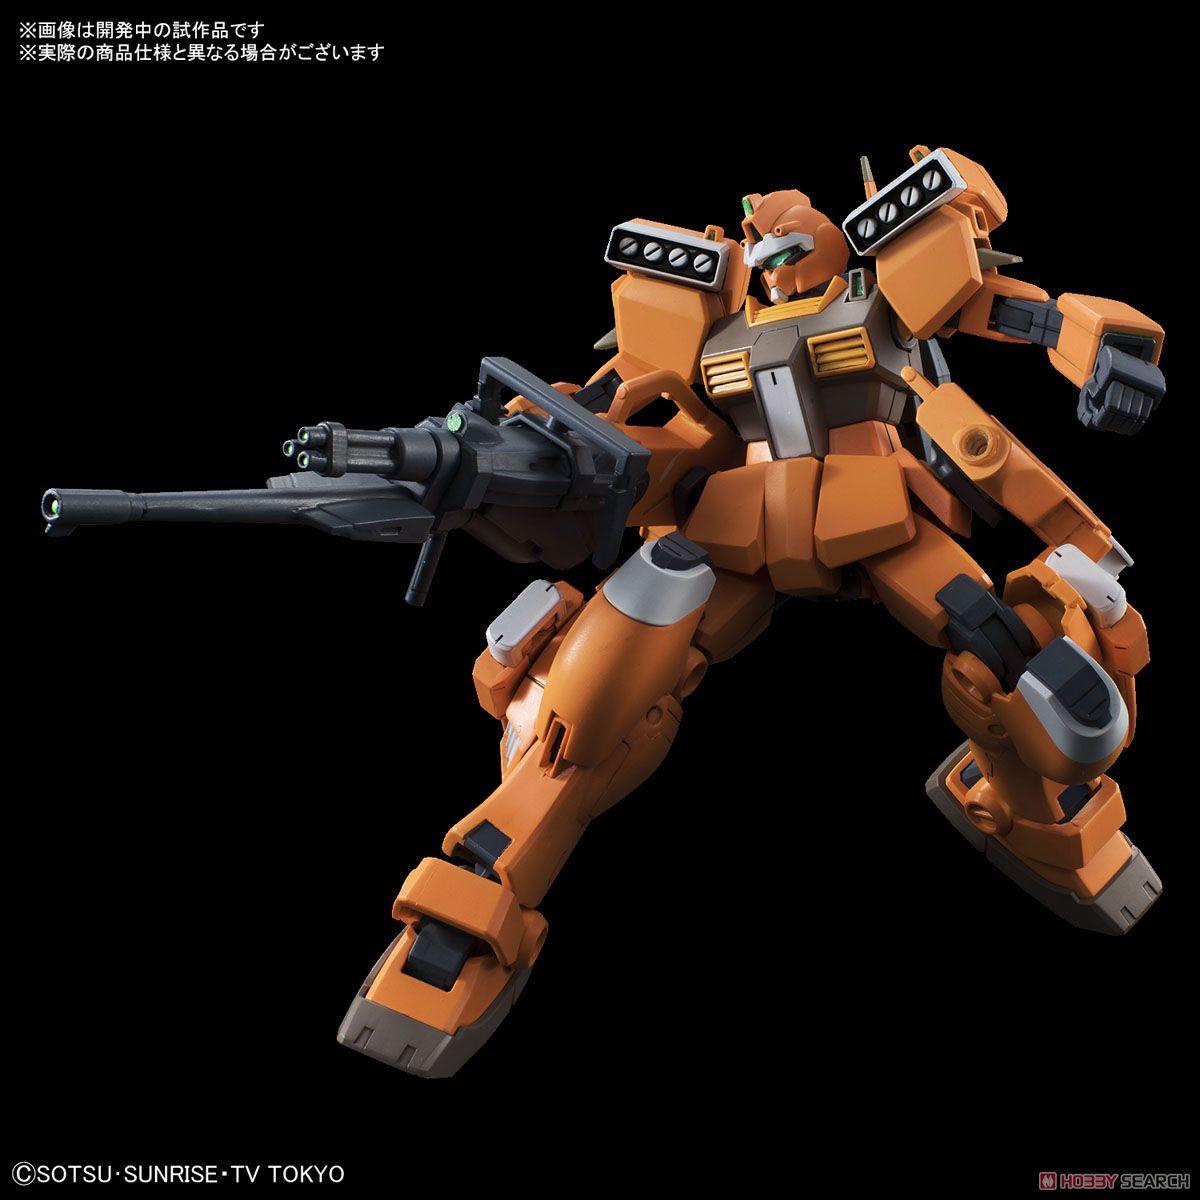 GM III Beam Master (HGBD) (Gundam Model Kits) Item picture7